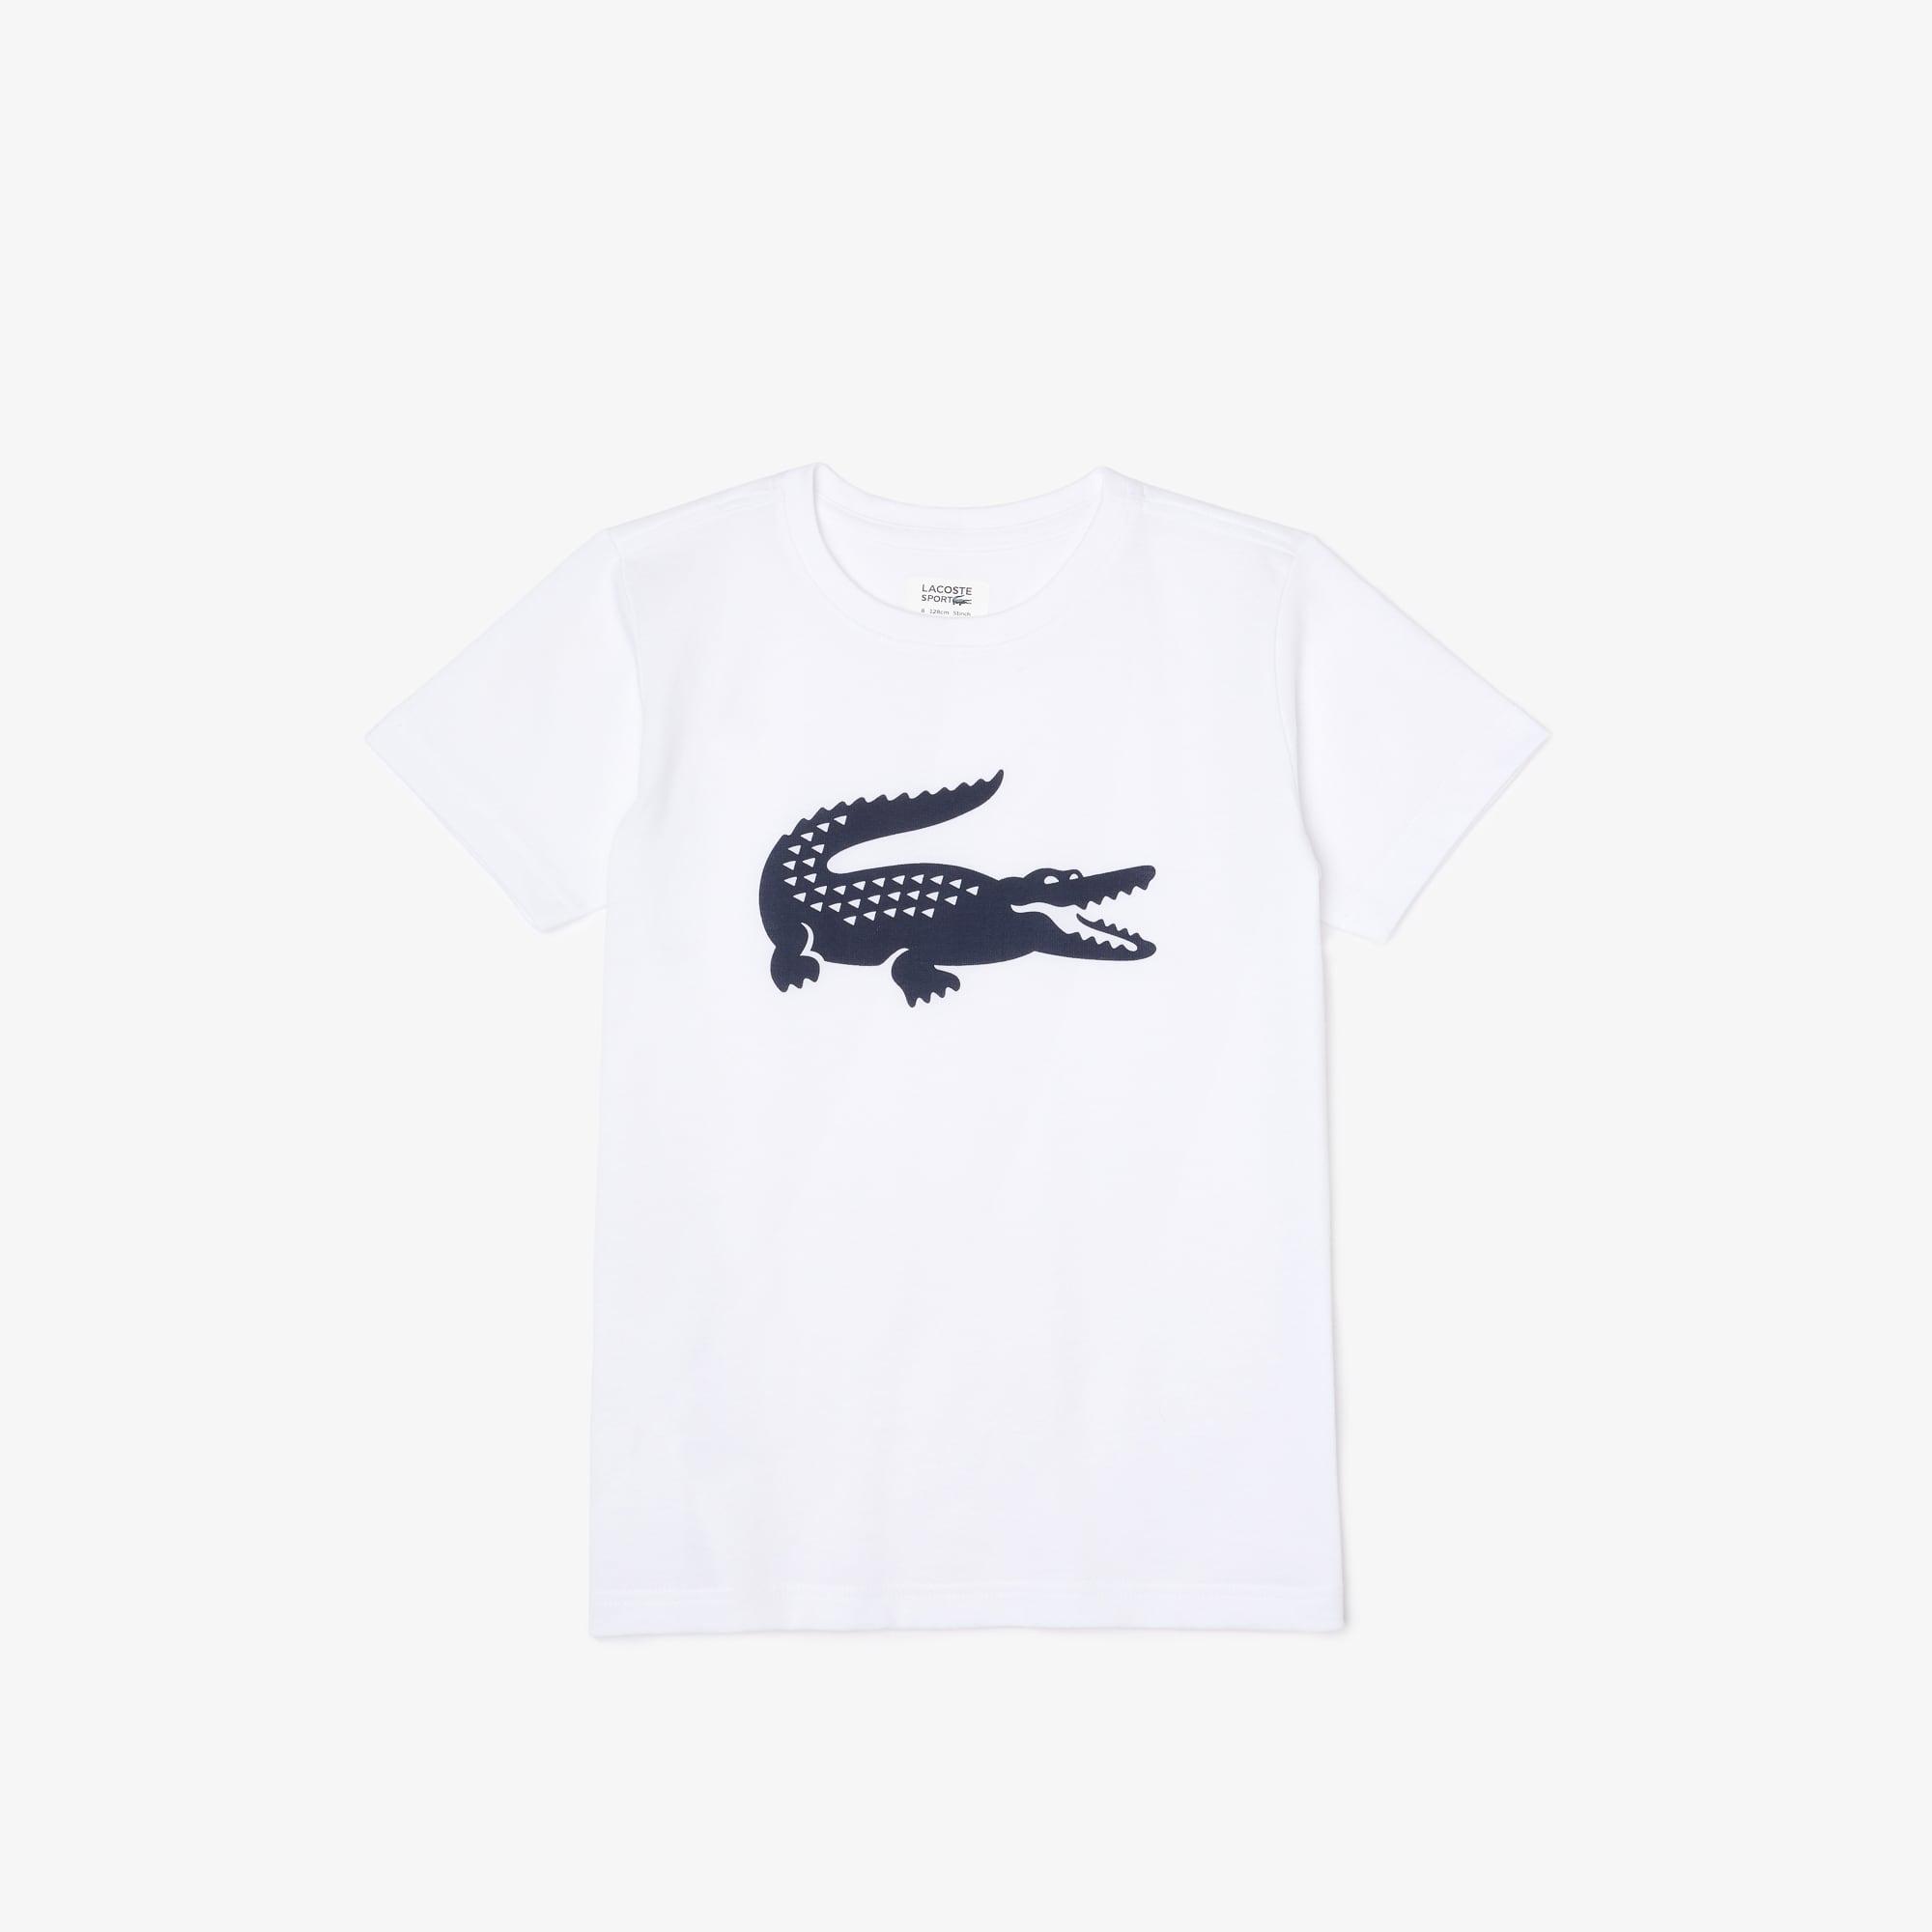 قميص تي-شيرت من الجيرسيه العملي وتمساح كبير الحجم من مجموعة Lacoste SPORT Tennis للصبيان